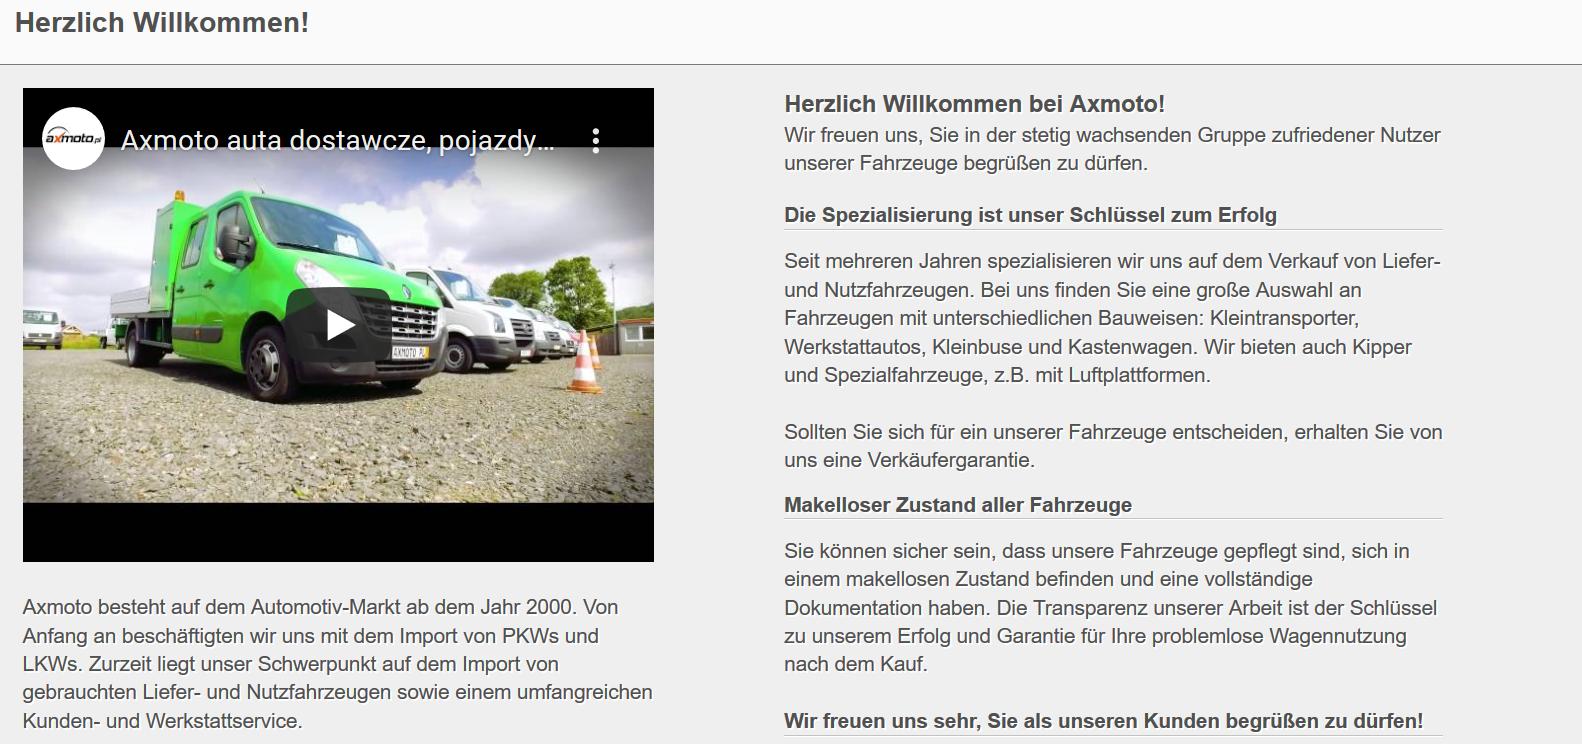 Copywriter z niemieckim, prowadzienie konta, sprzedaż z niemieckim, branża motoryzacyjna